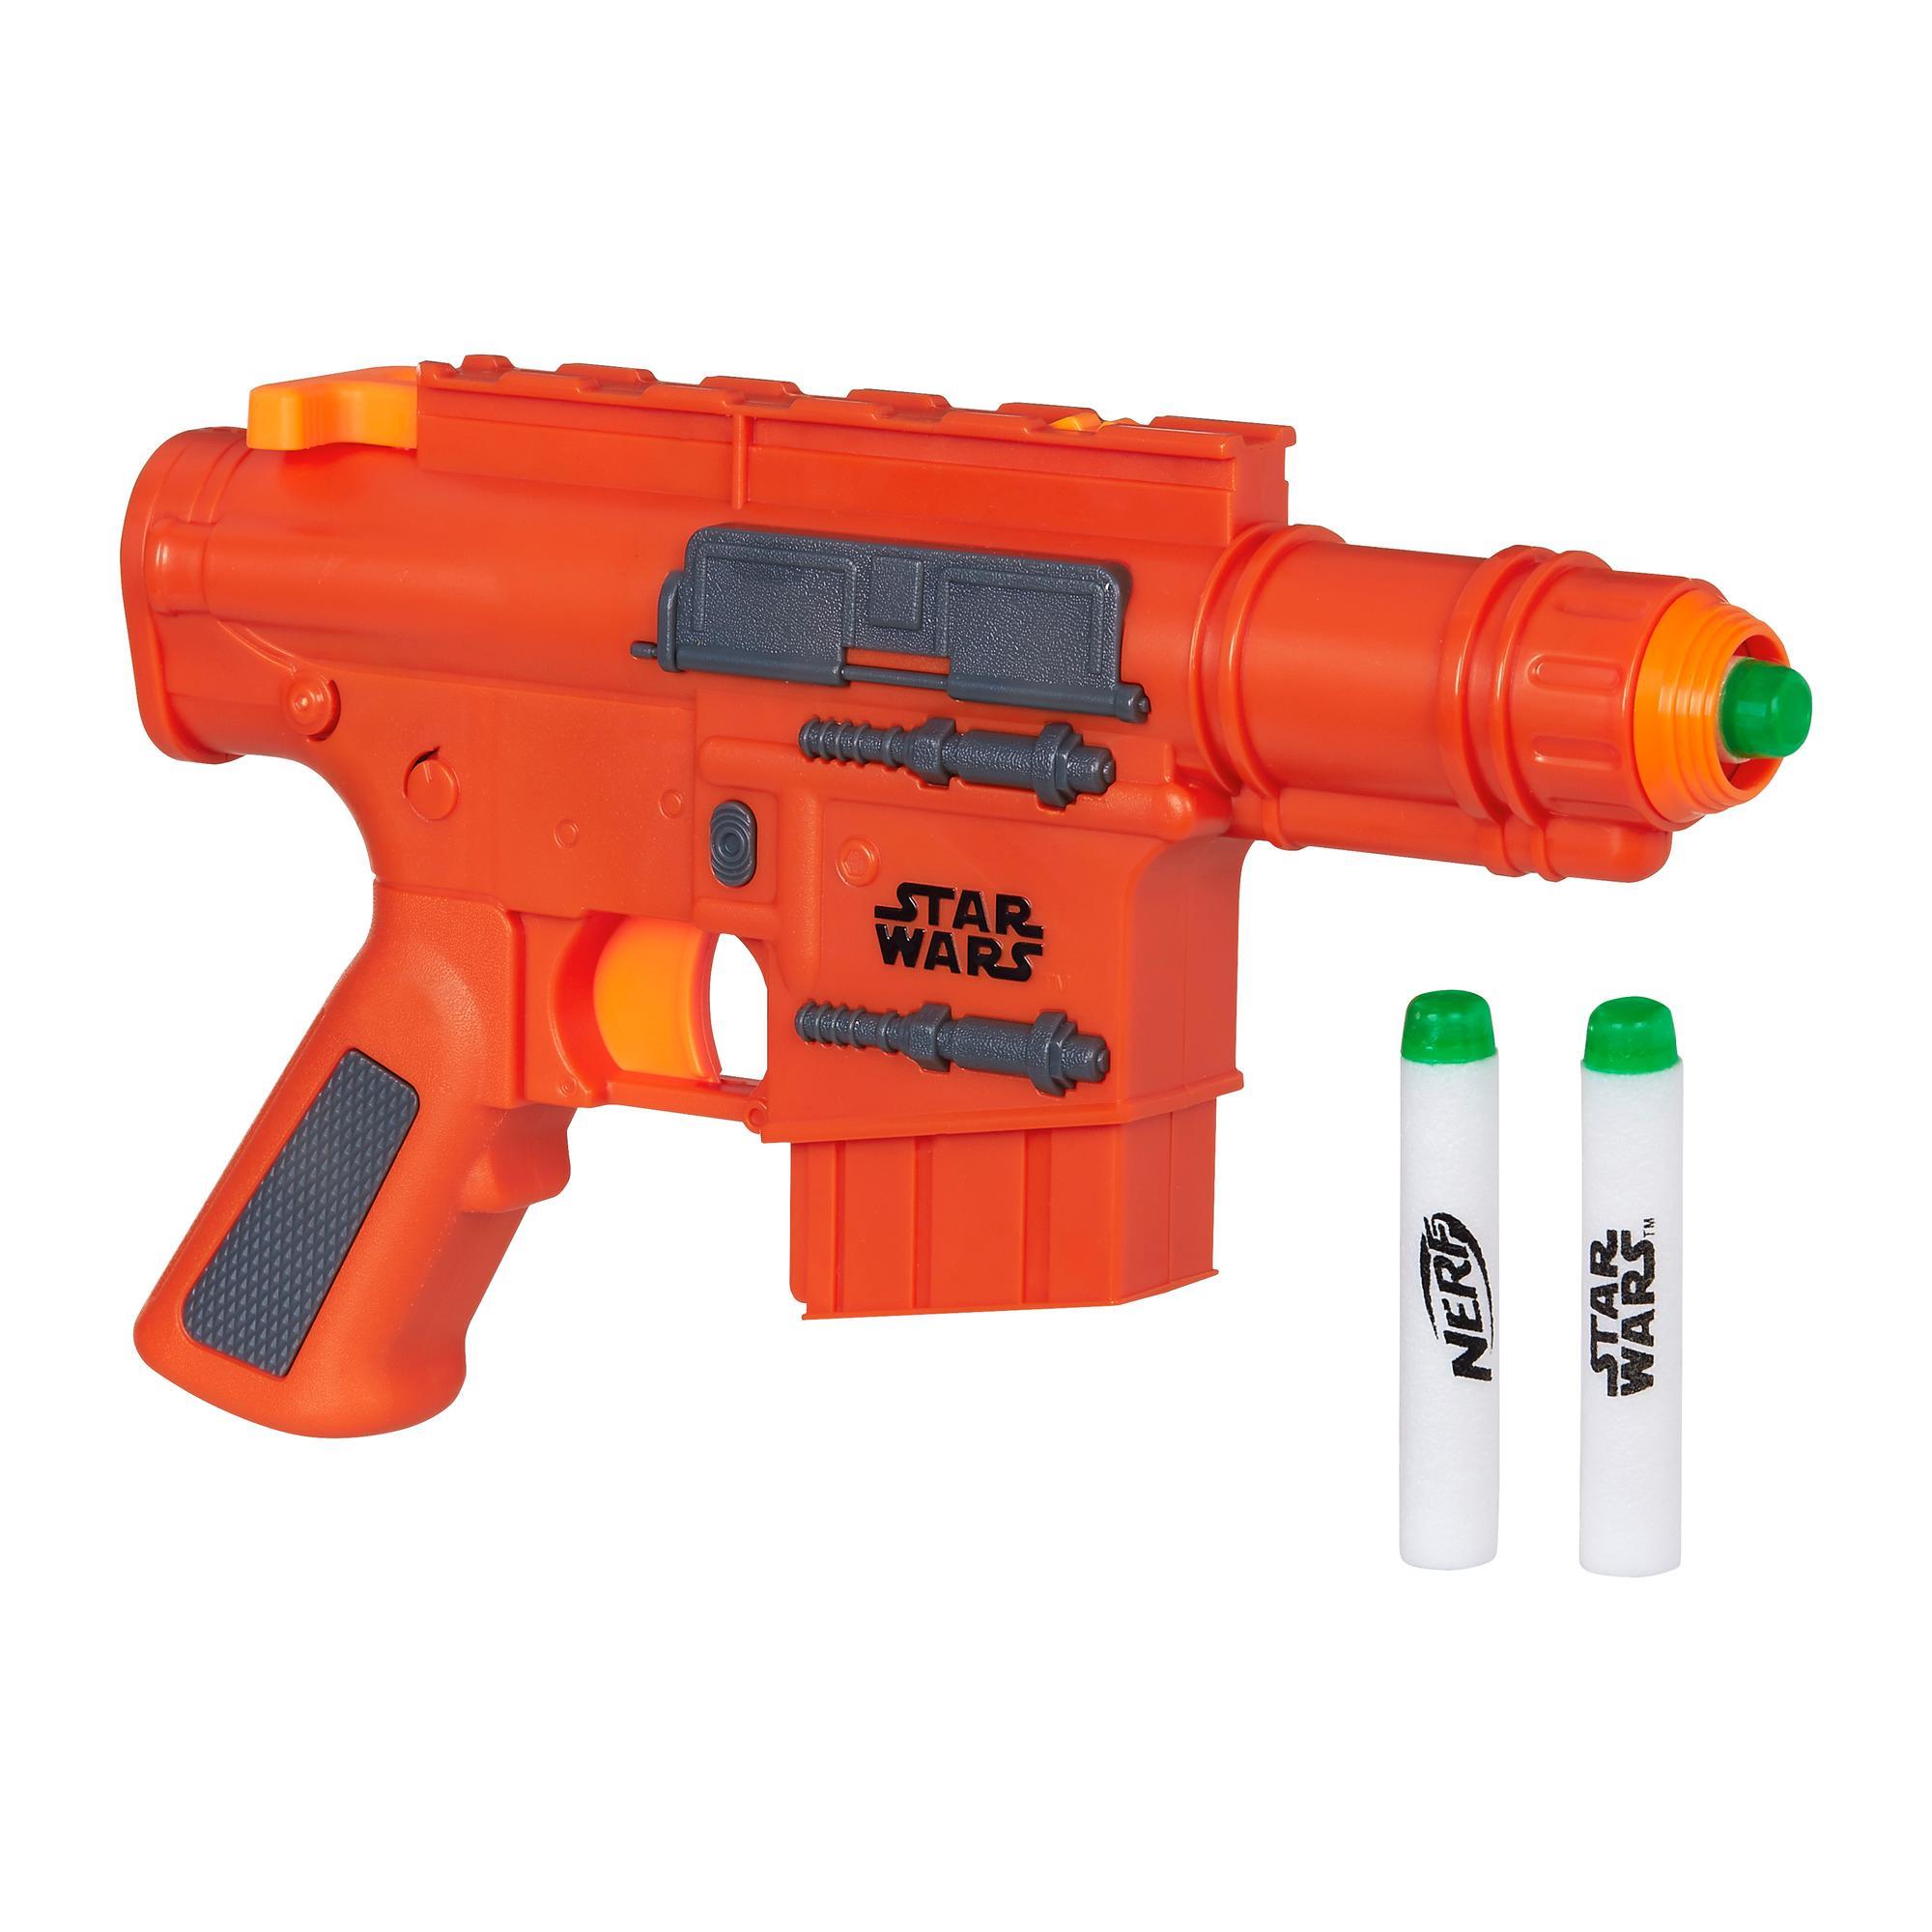 Star Wars R1 Captain Cassian Andor Blaster